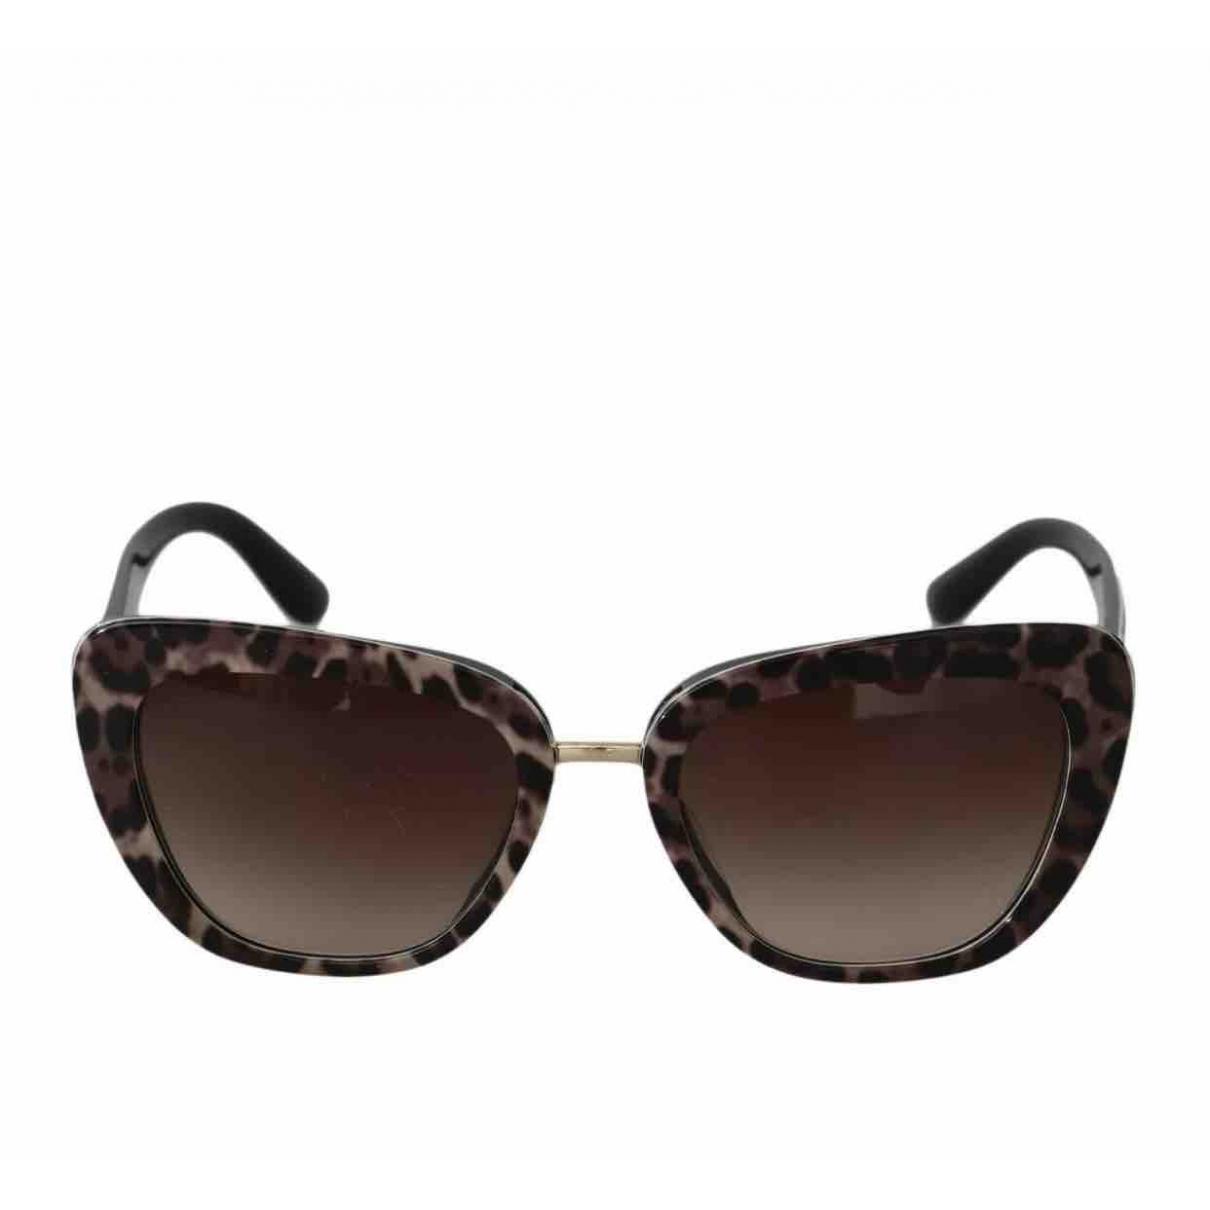 Dolce & Gabbana - Lunettes   pour femme - marron